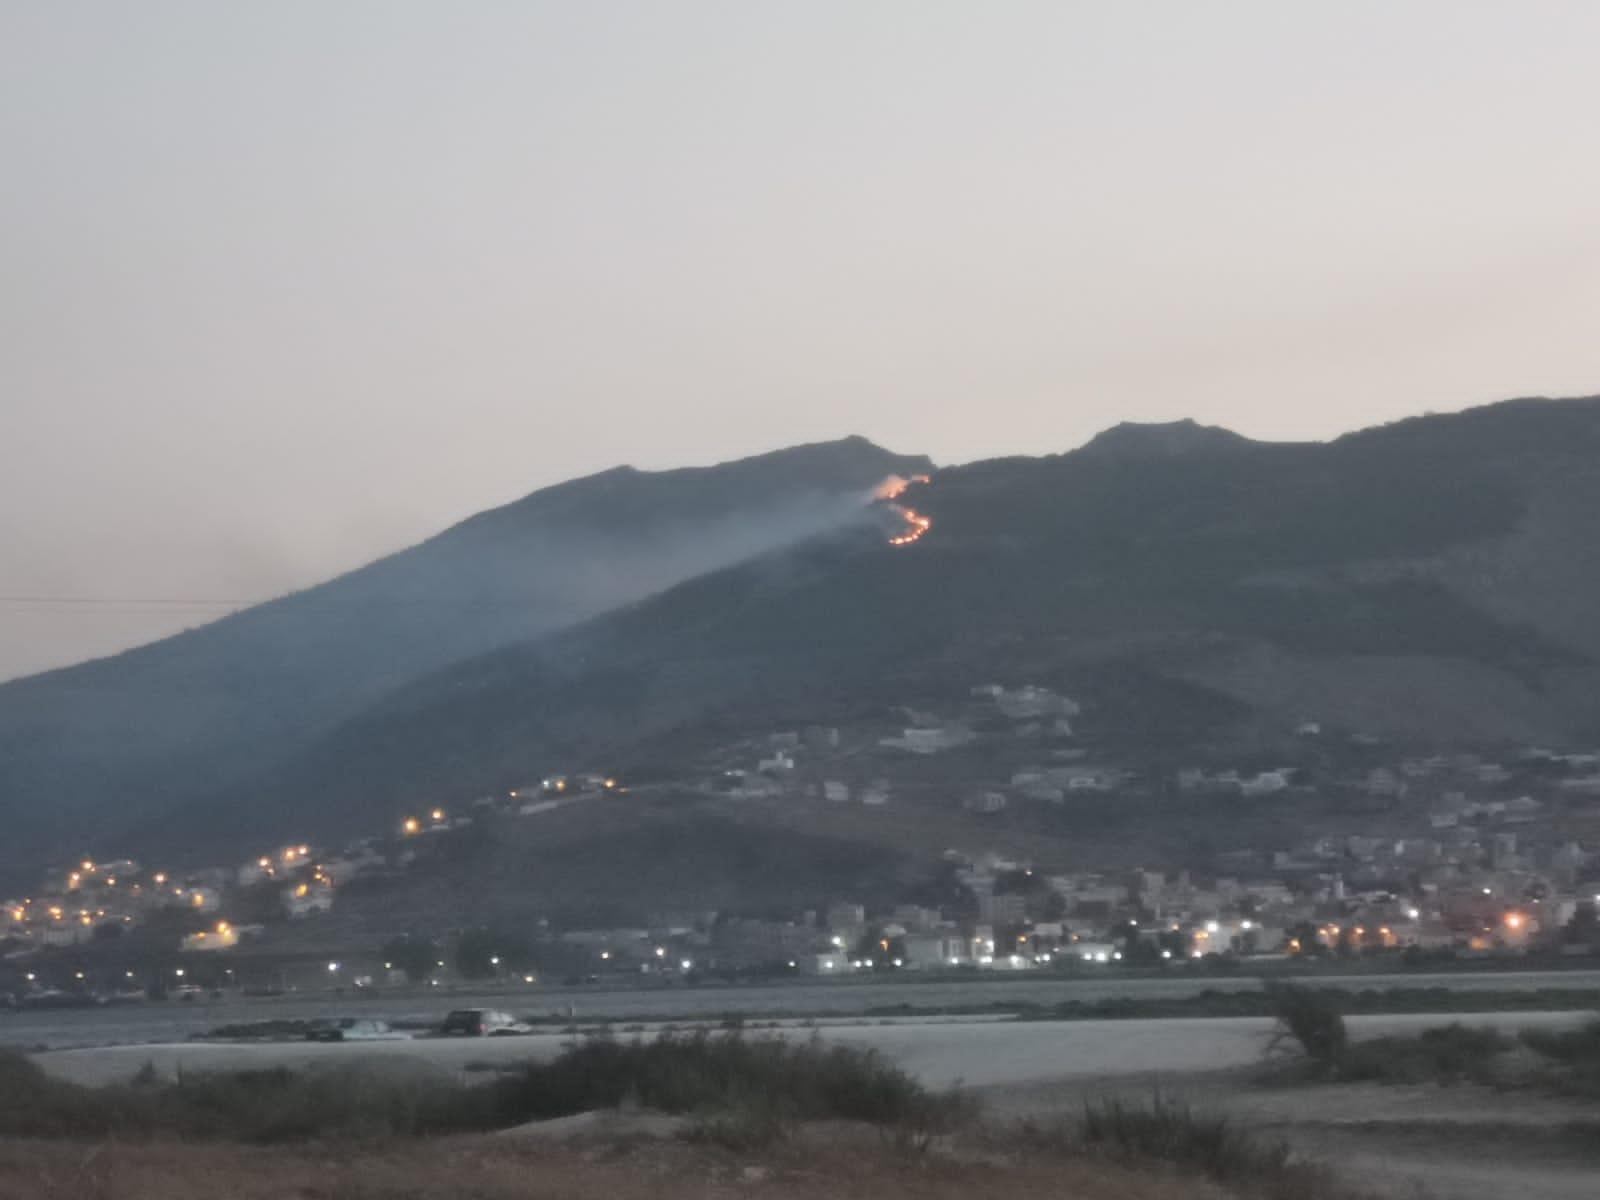 بالصور: حريق بغابة كوروكو يأتي على مساحة مهمة من الأشجار